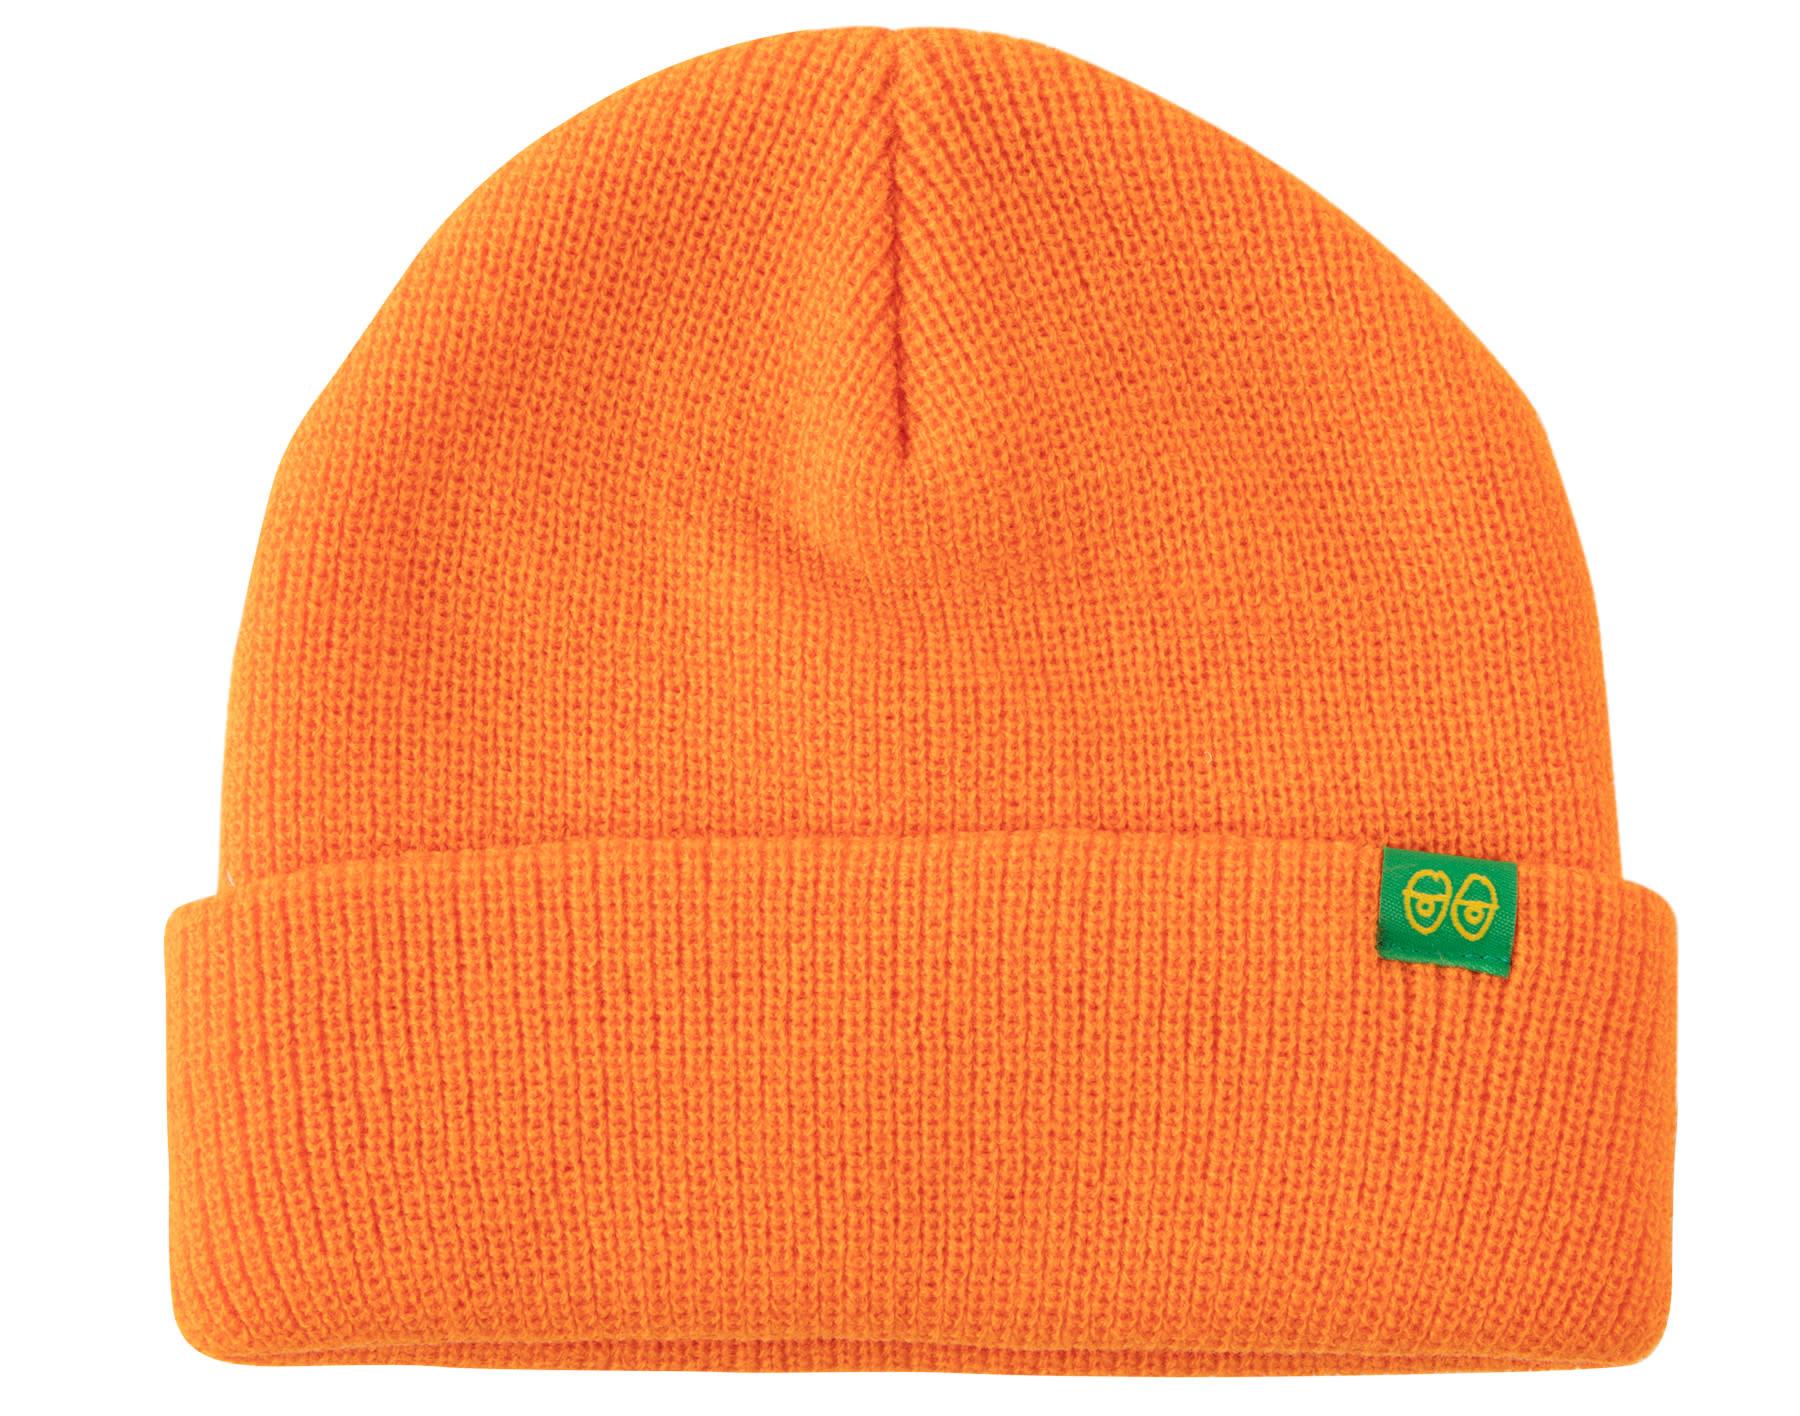 Krooked Krooked Eyes Clip Cuff Beanie - Orange/Green